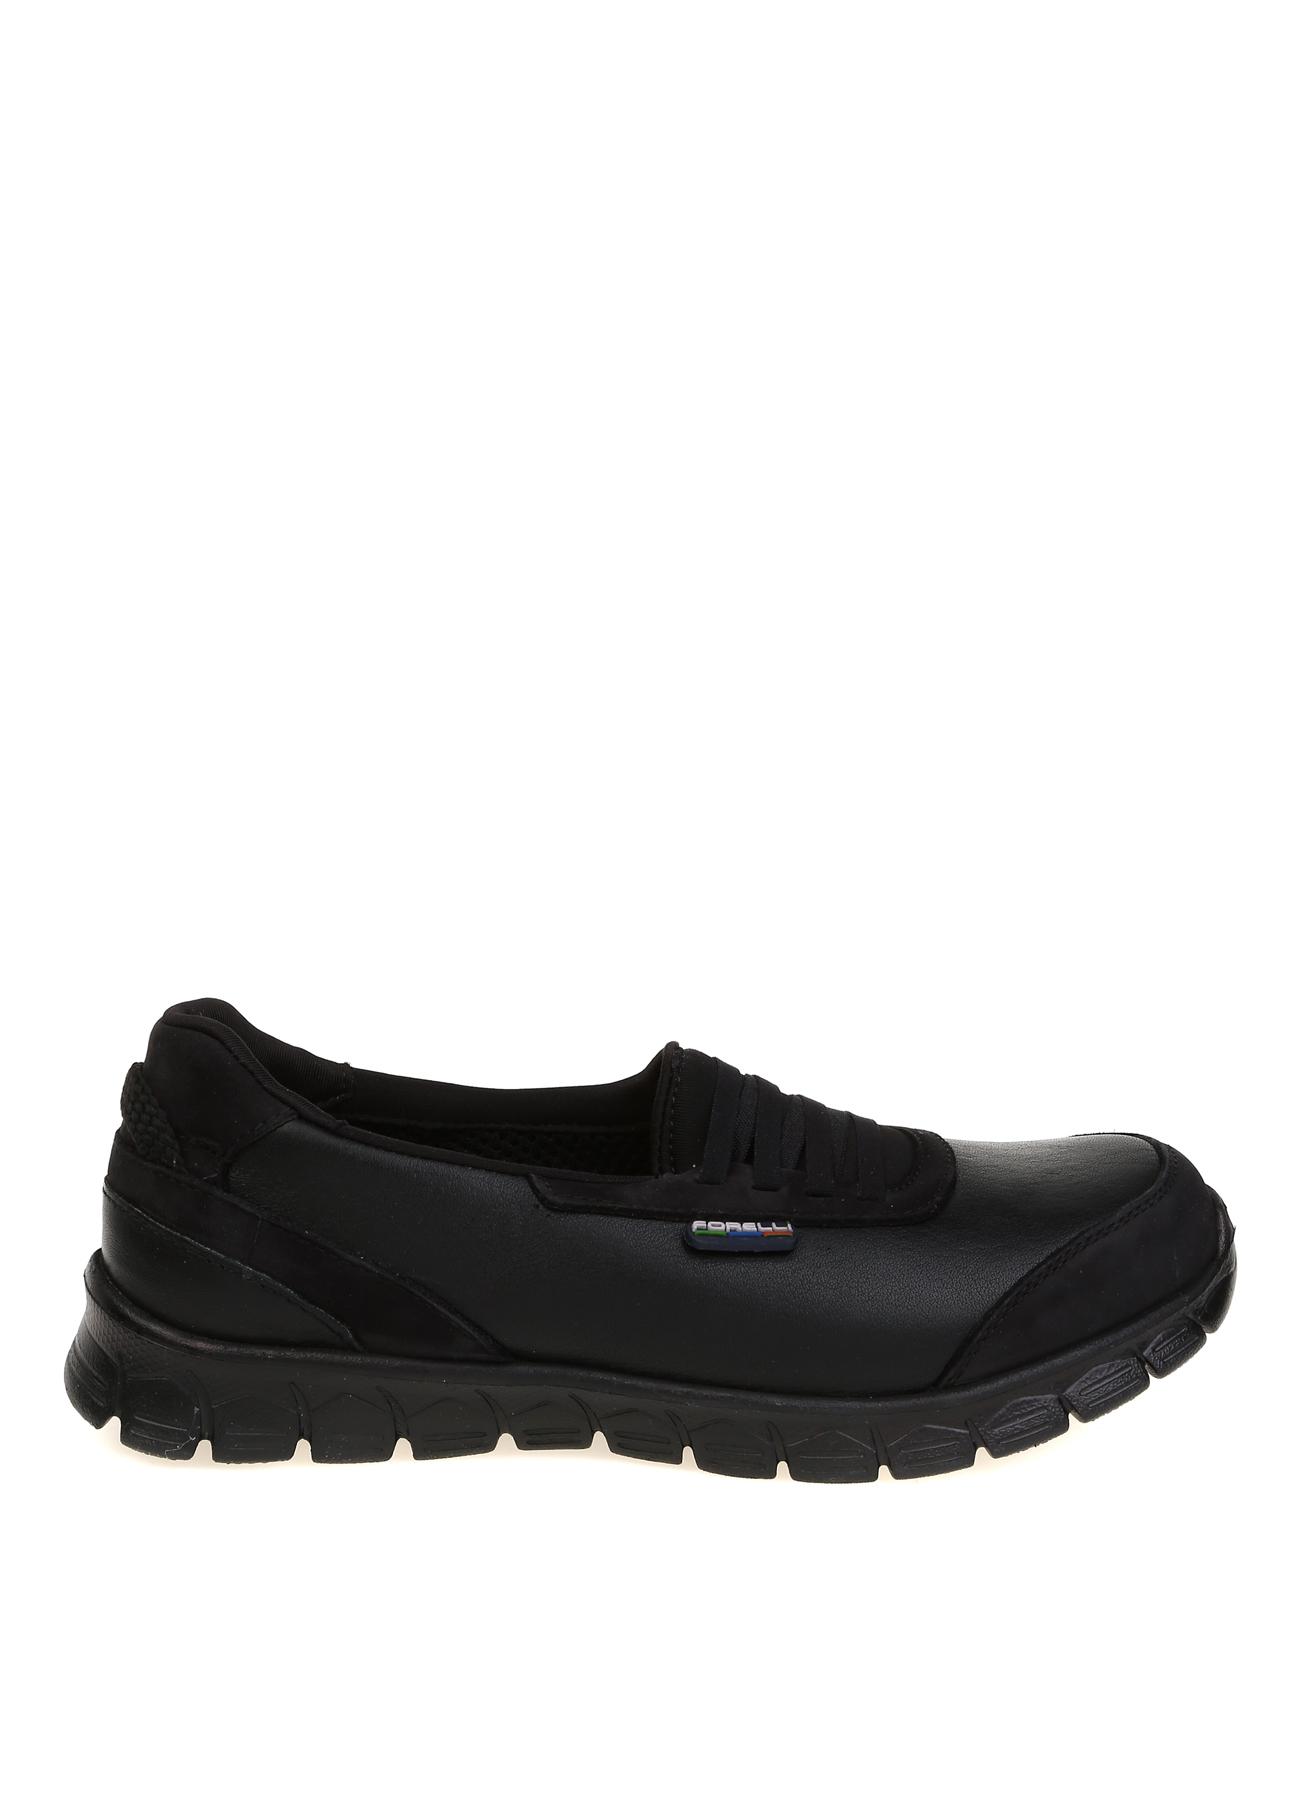 Forelli Deri Siyah Düz Ayakkabı 41 5001921039005 Ürün Resmi